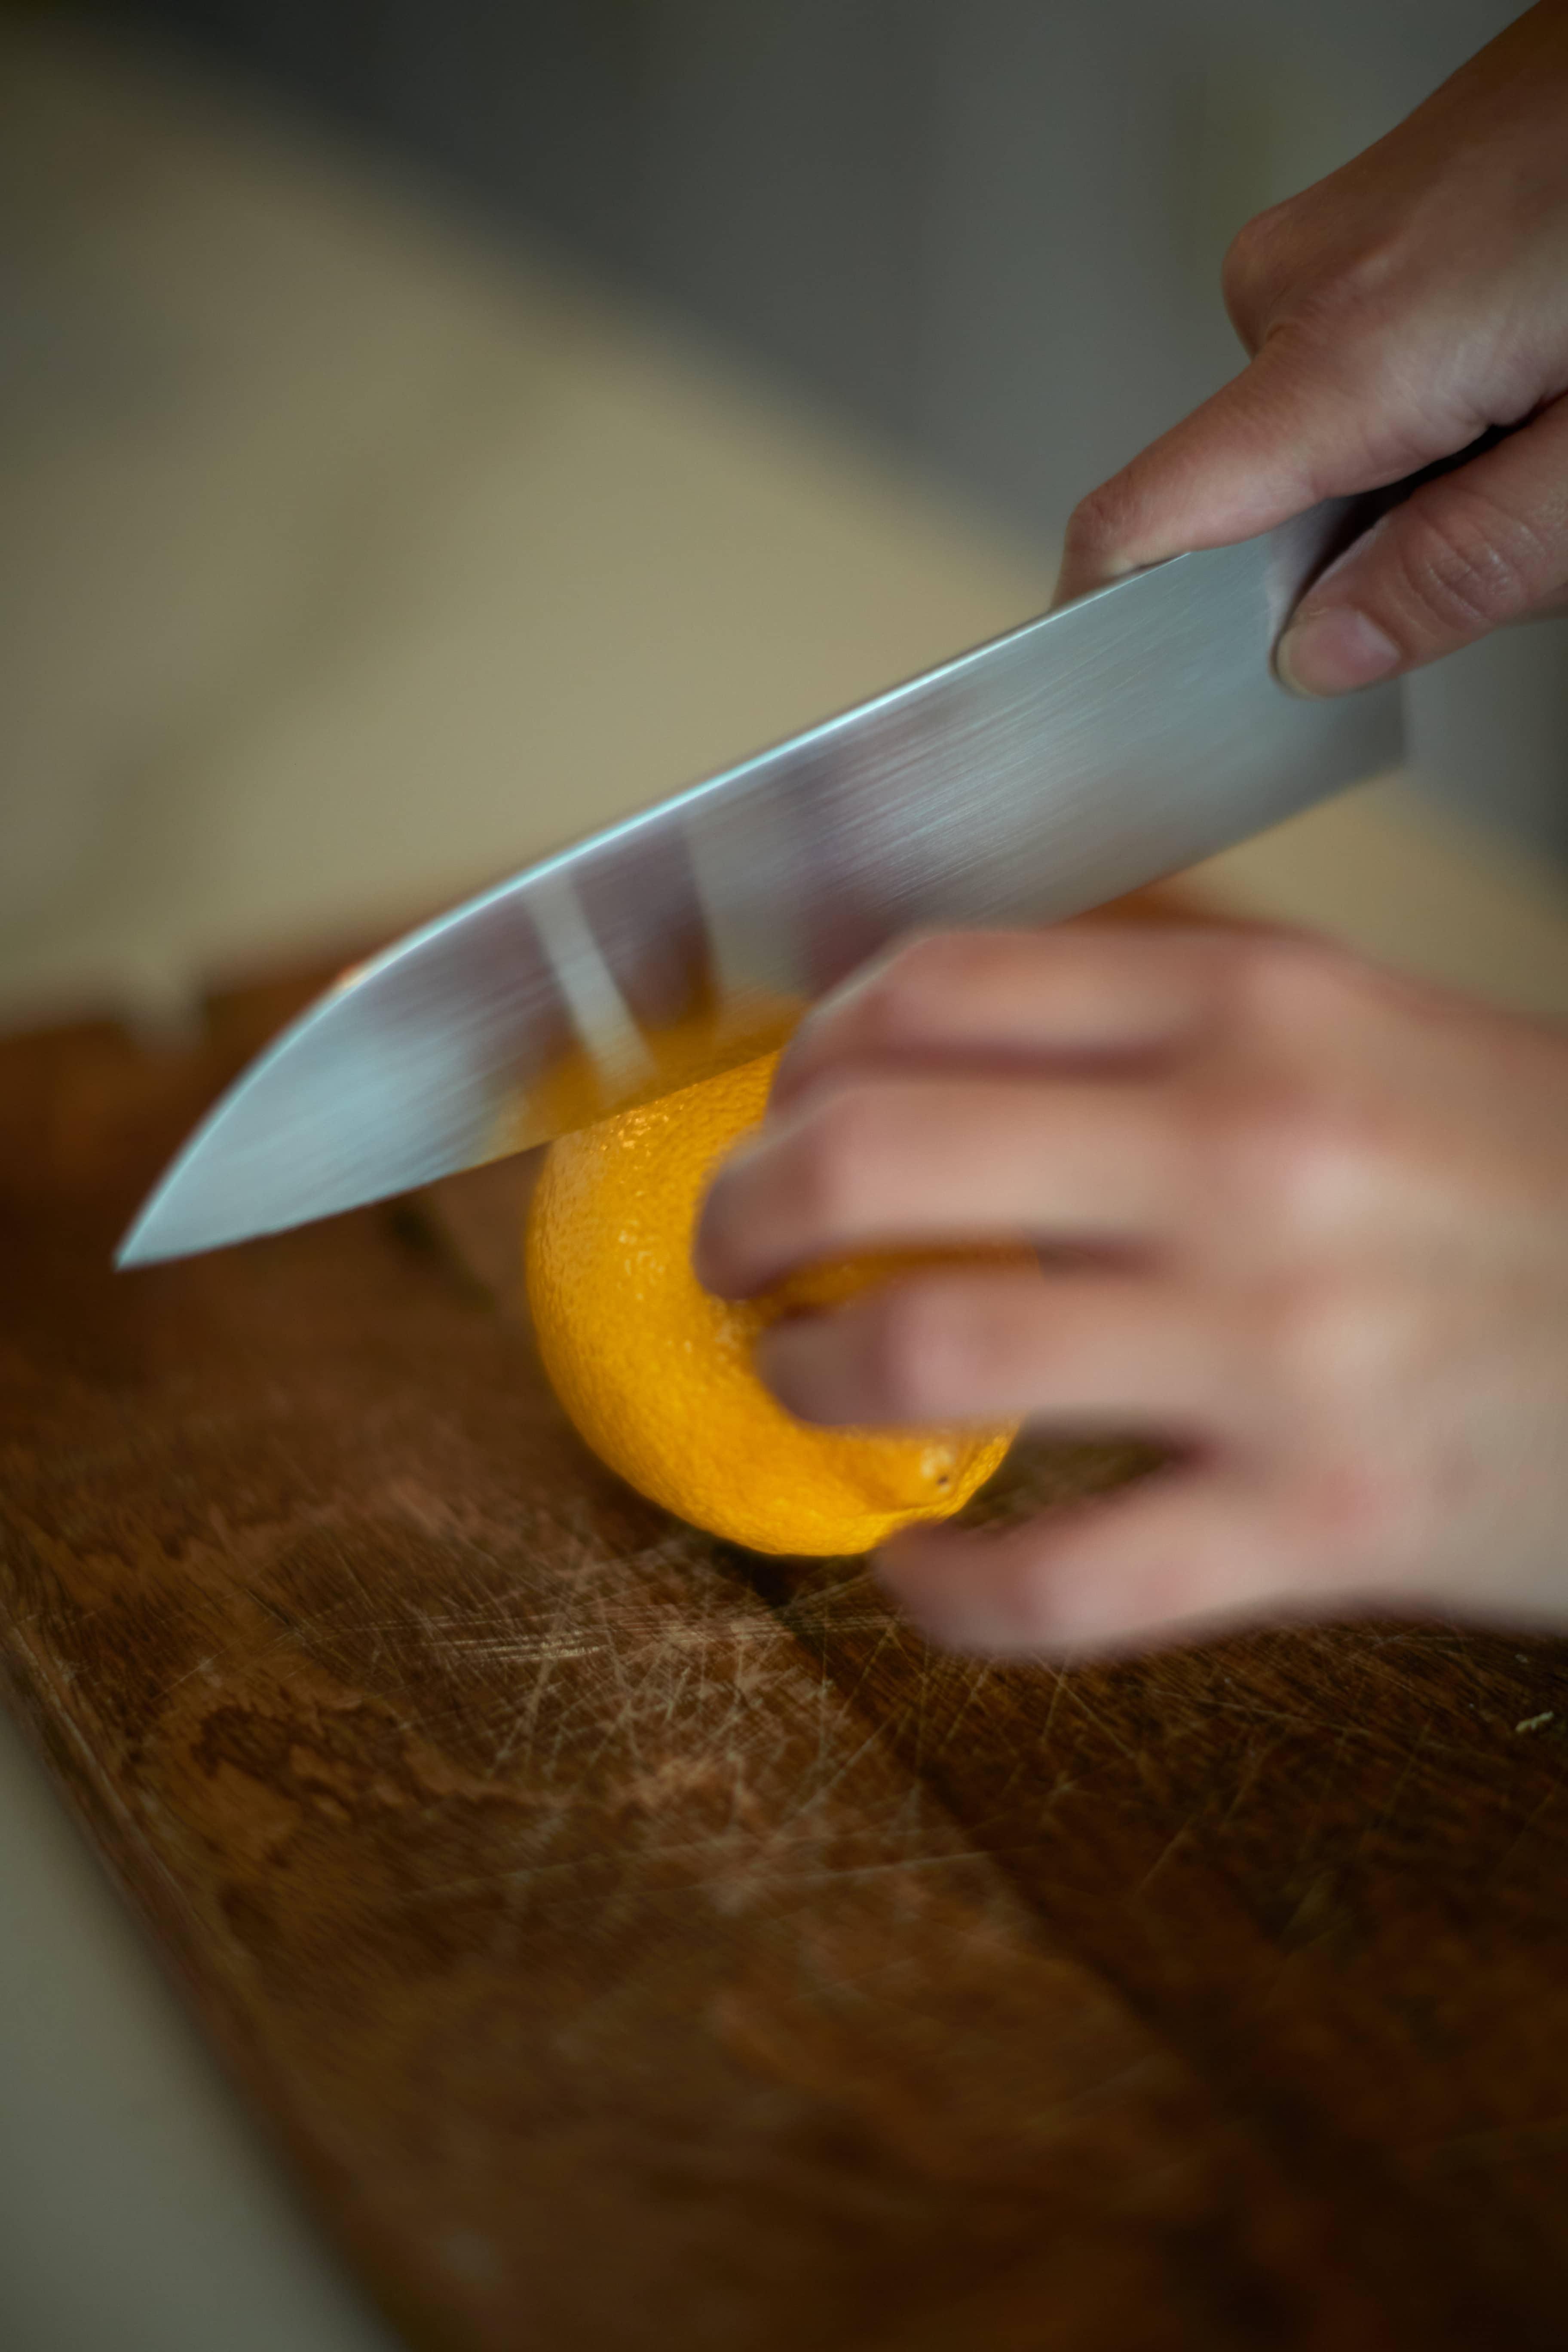 Knife slicing through an orange